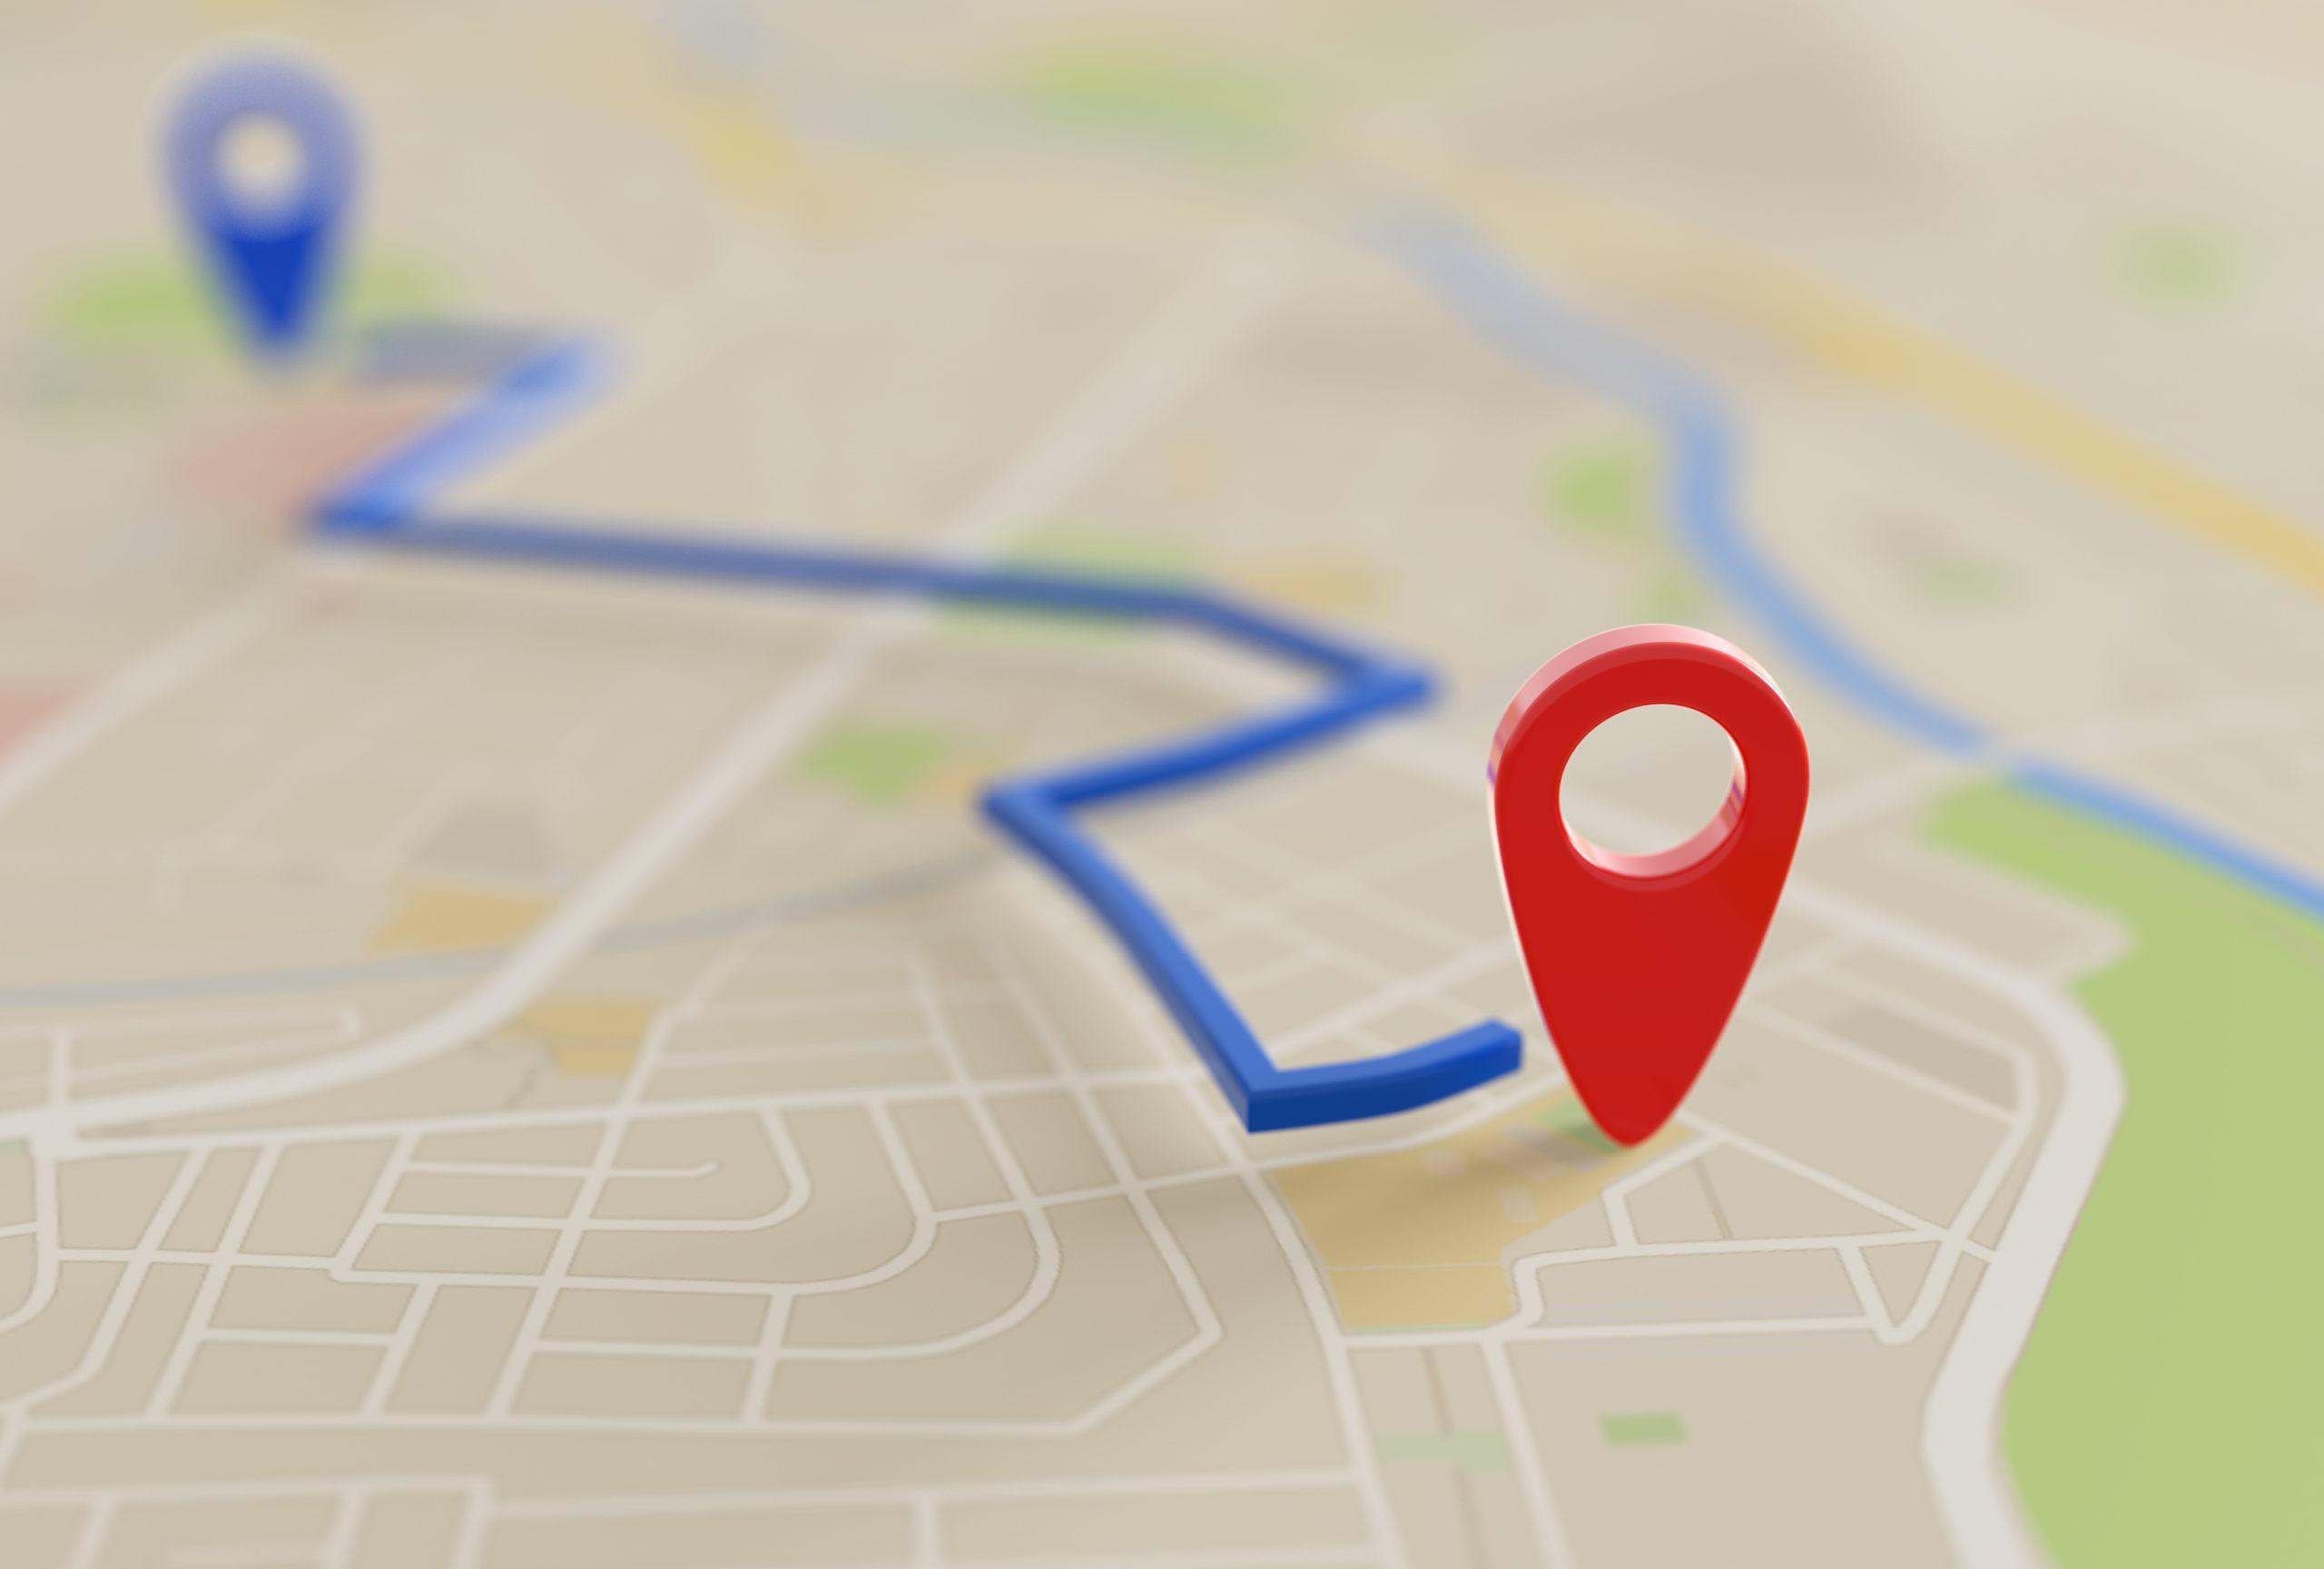 地図を表すイメージが画像